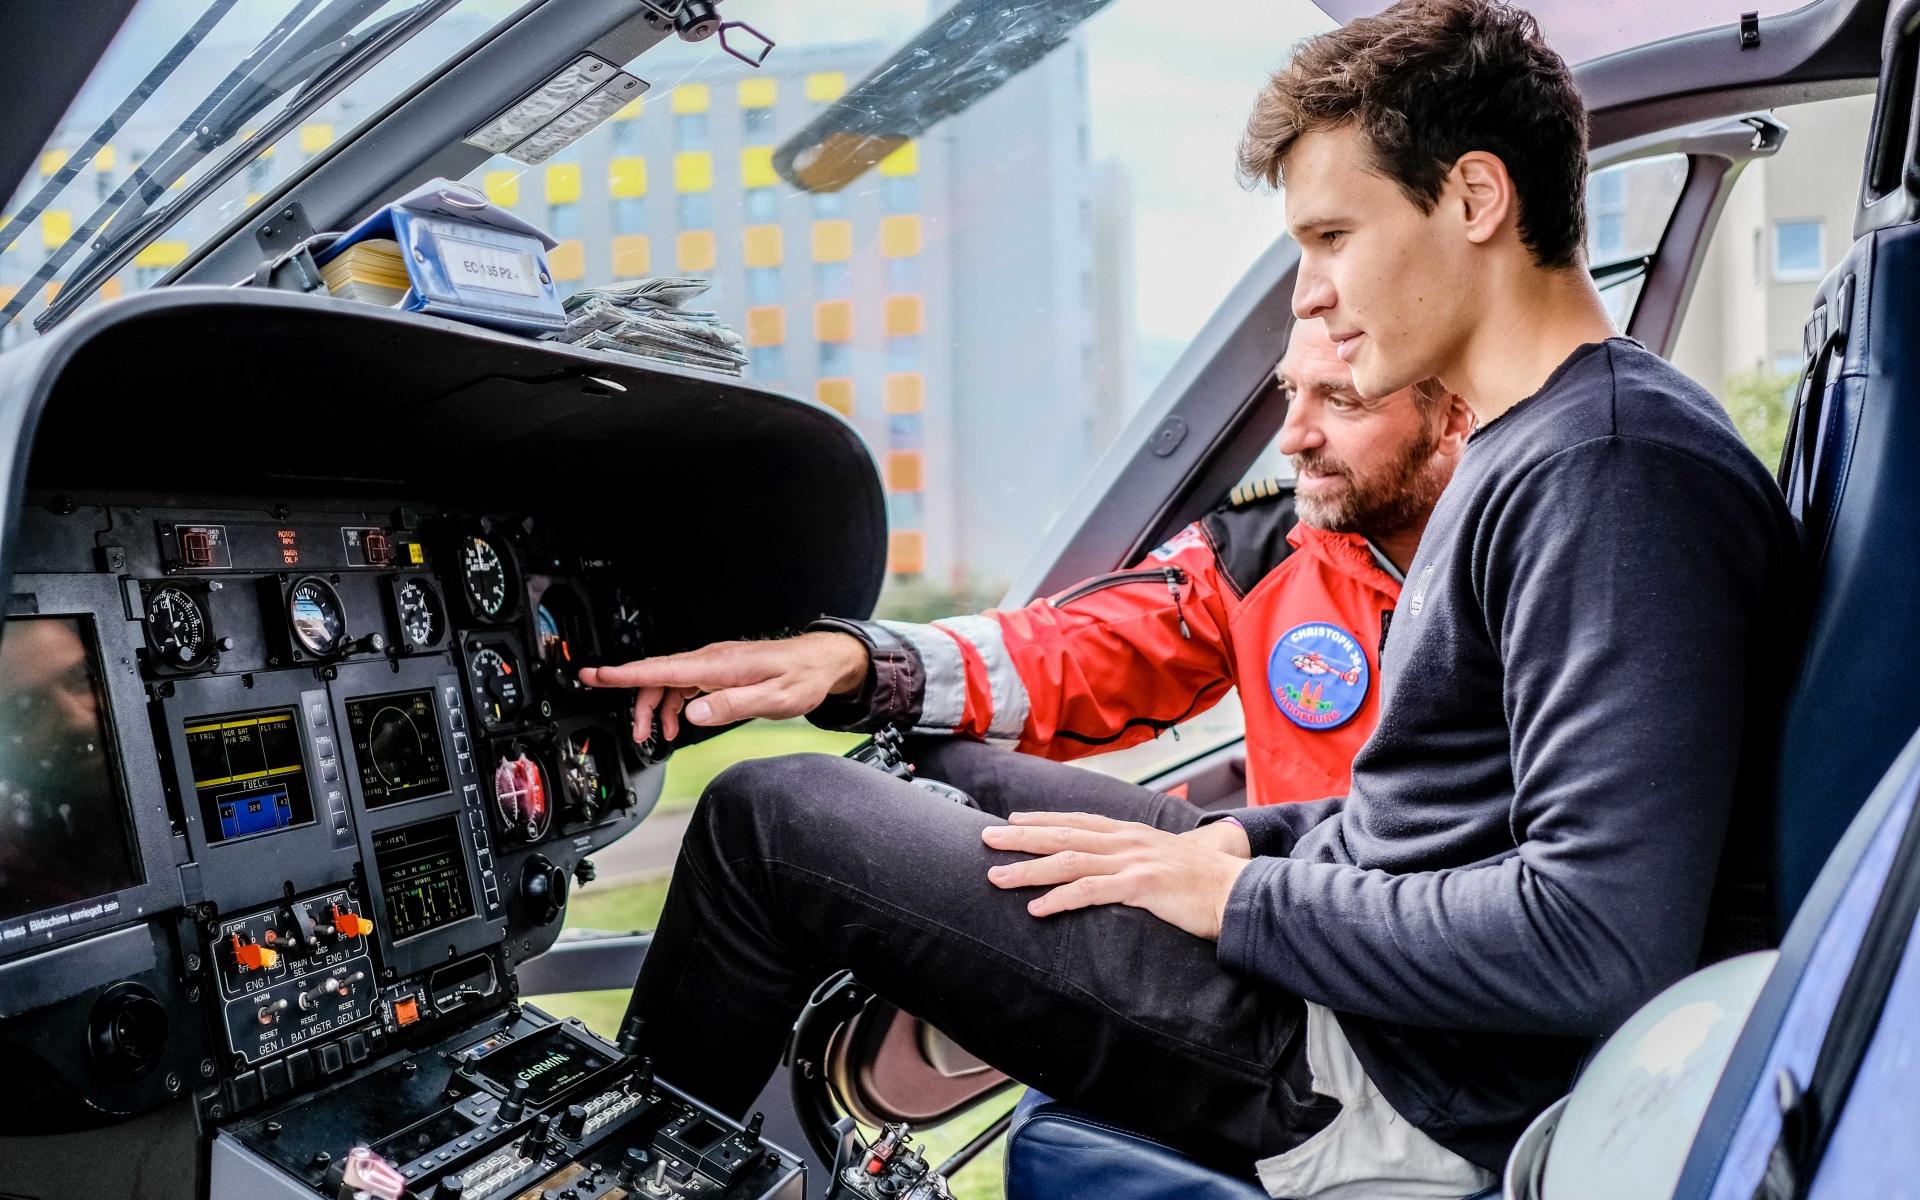 Das ließ er sich nicht nehmen: Einmal Platz nehmen auf dem Pilotensitz von Christoph 36. Pilot Marco Cramme erläuterte die Ausstattung des Cockpits. Foto: Andreas Lander.